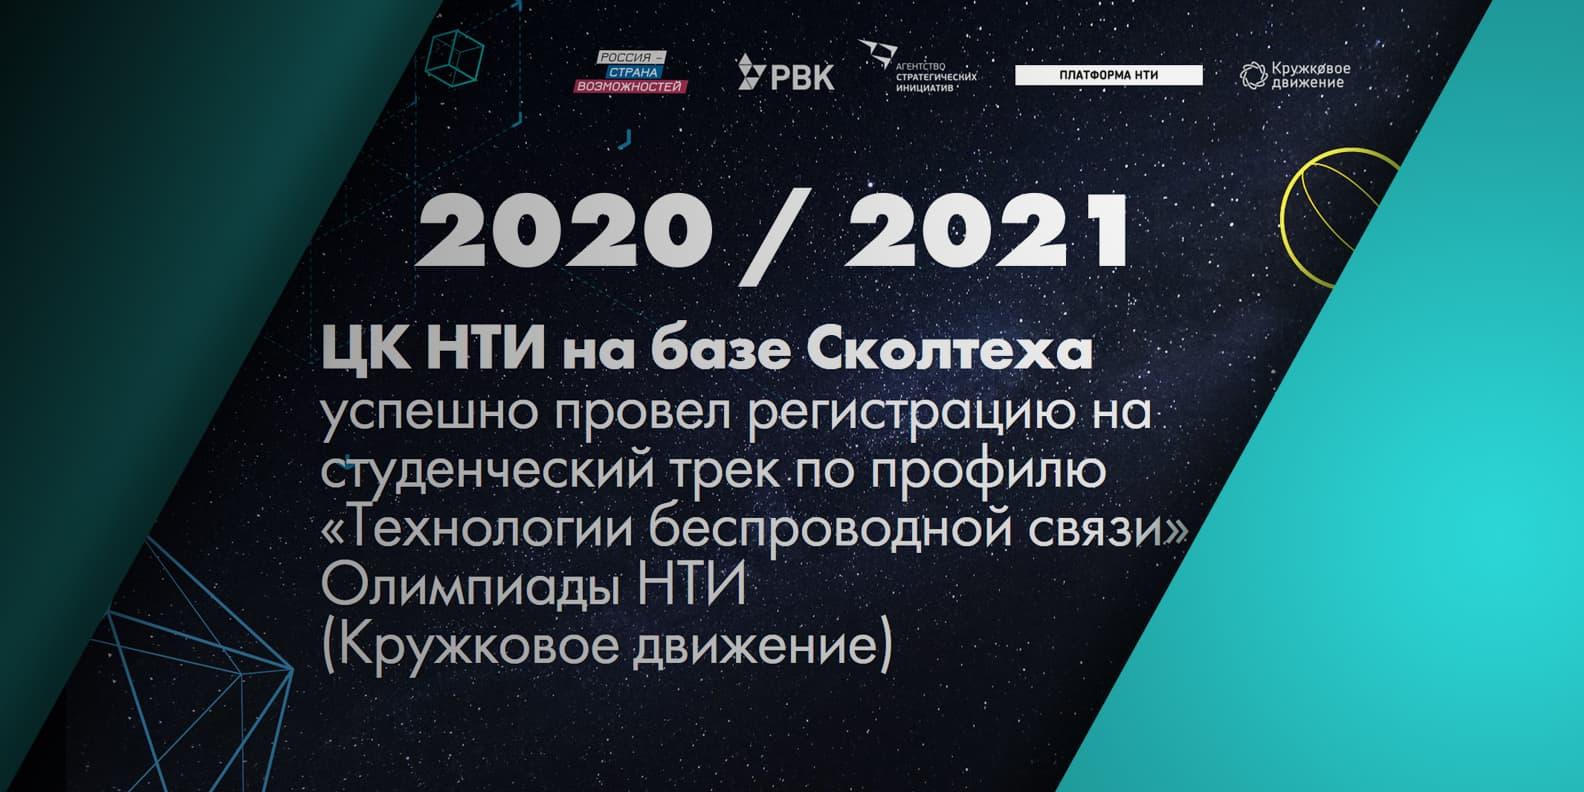 С октября по ноябрь 2020 года прошел очередной раунд регистрации на студенческий трек Олимпиады Кружкового движения Национальной технологической инициативы (КД НТИ) по профилю«Технологии беспроводной связи». Заявки на участие в испытаниях…